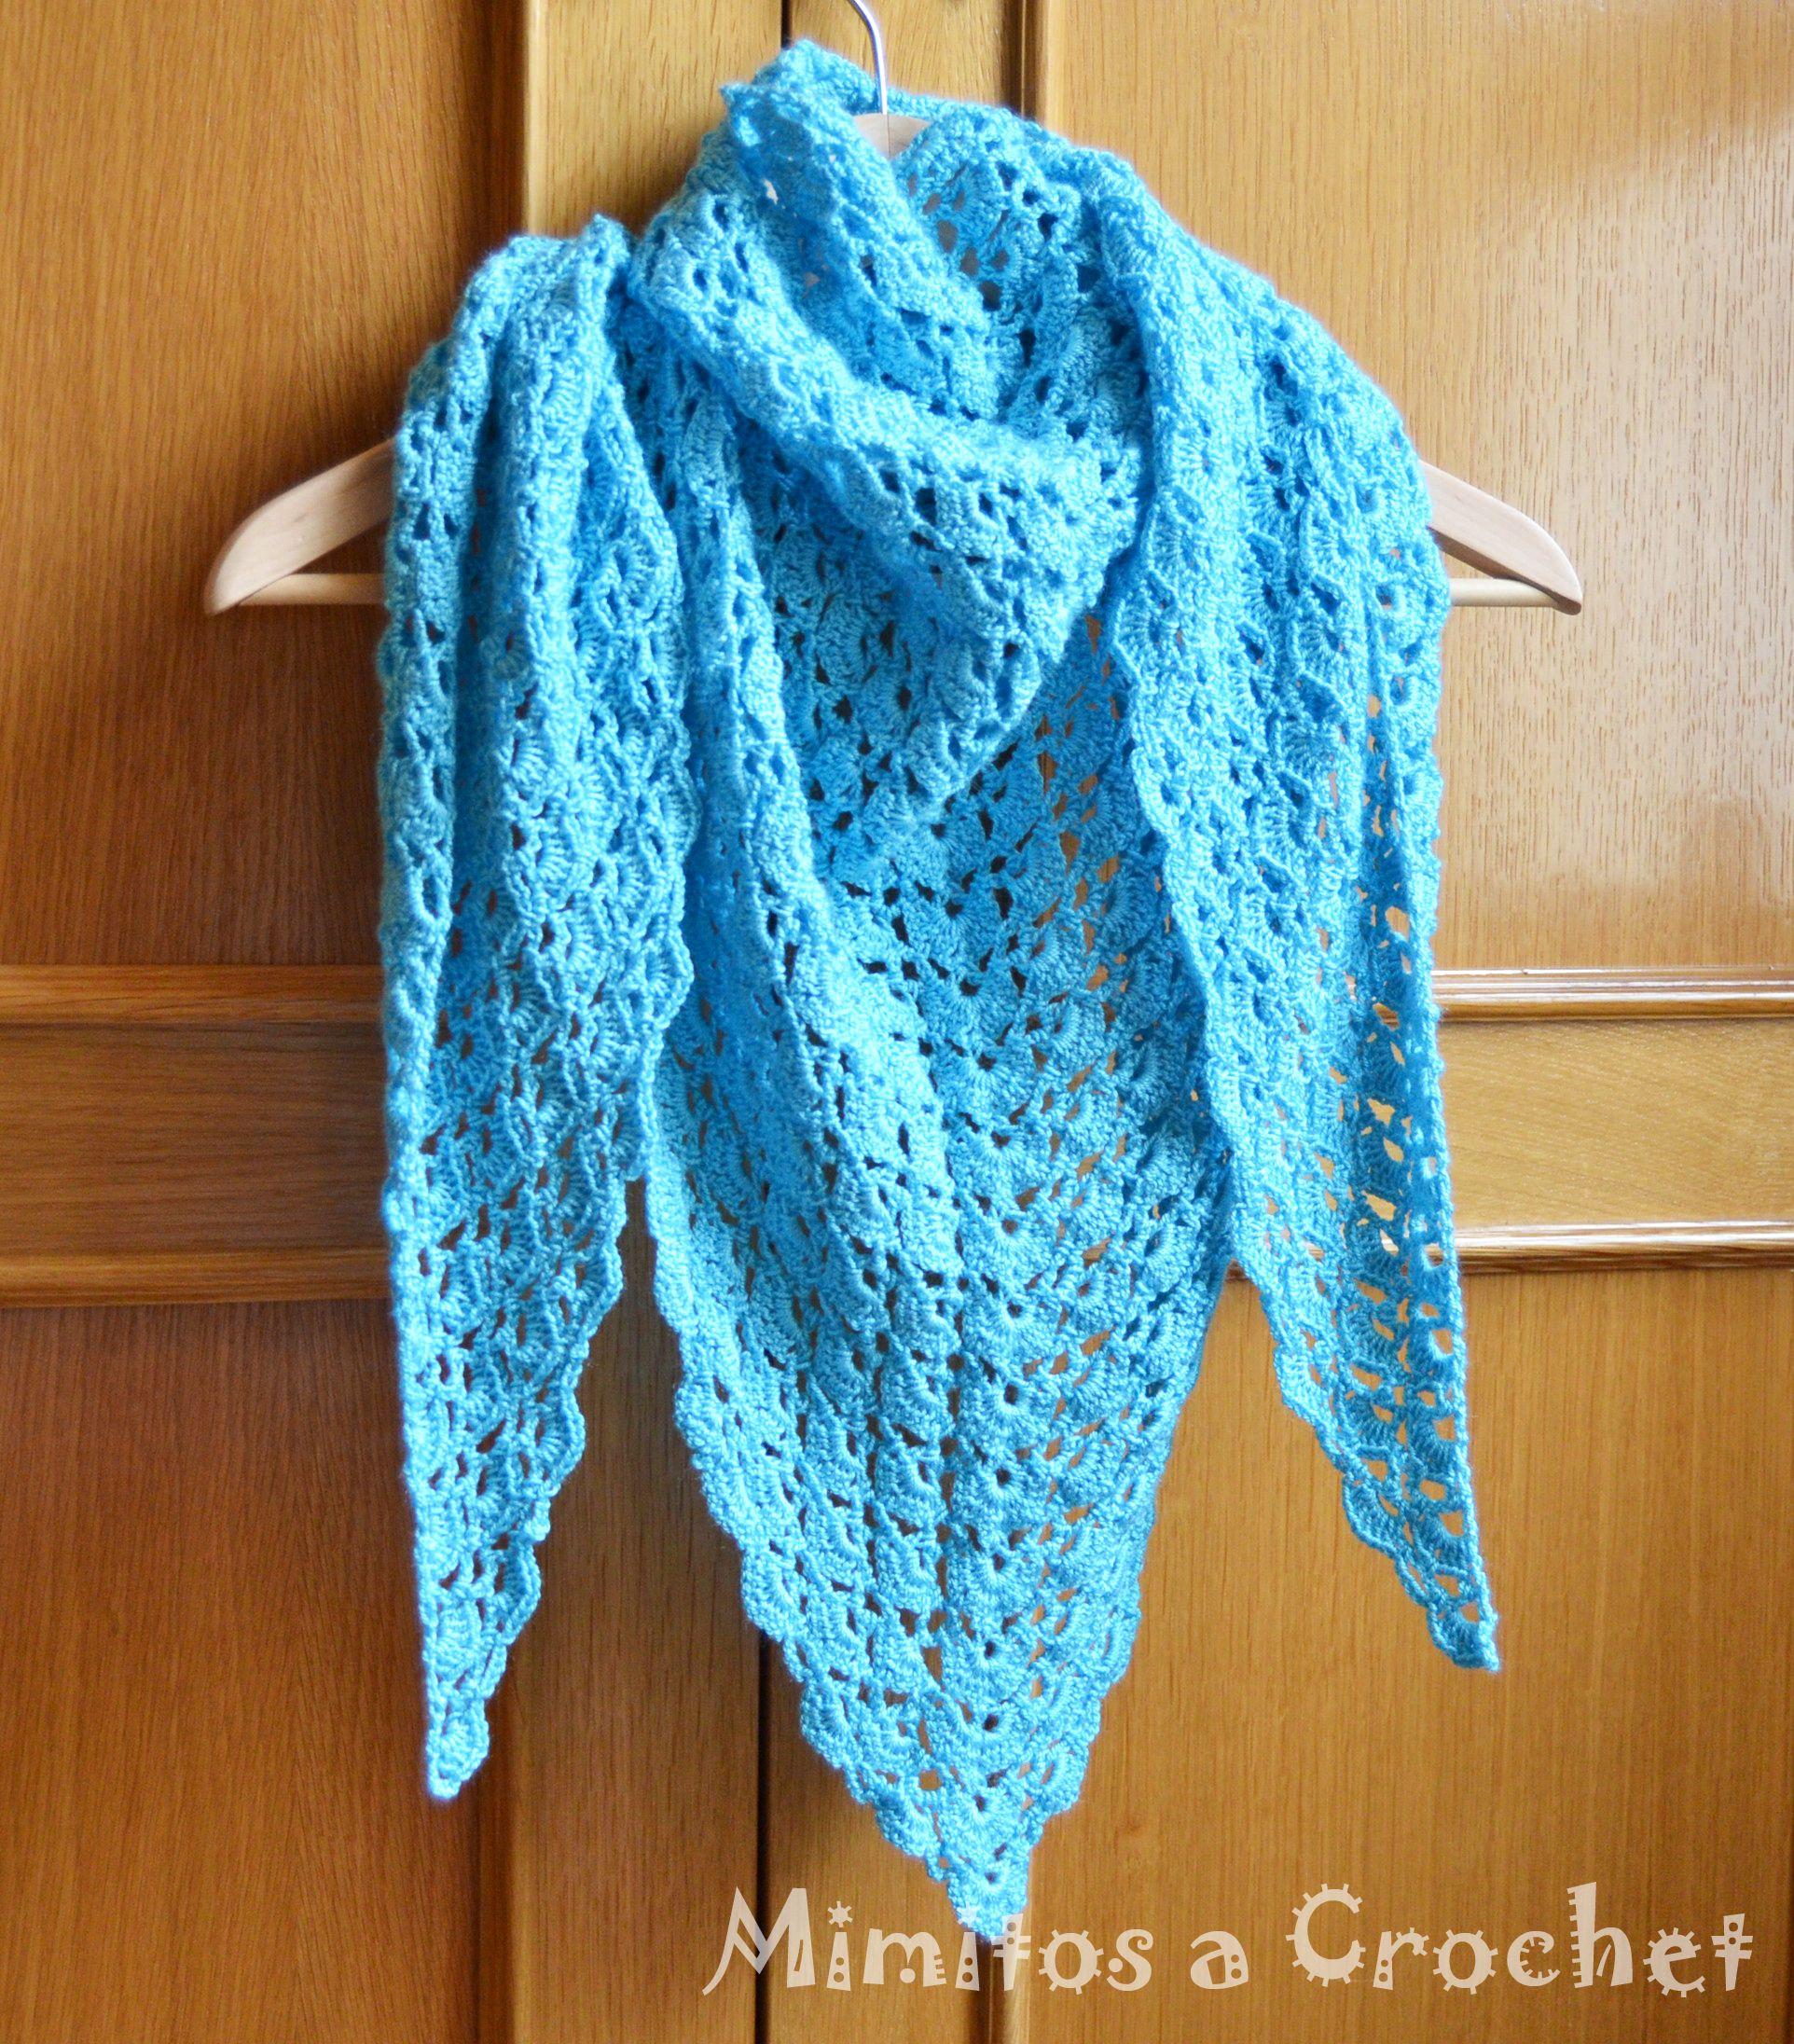 Hermosa Crochet Patrón Concha Applique Composición - Ideas de ...